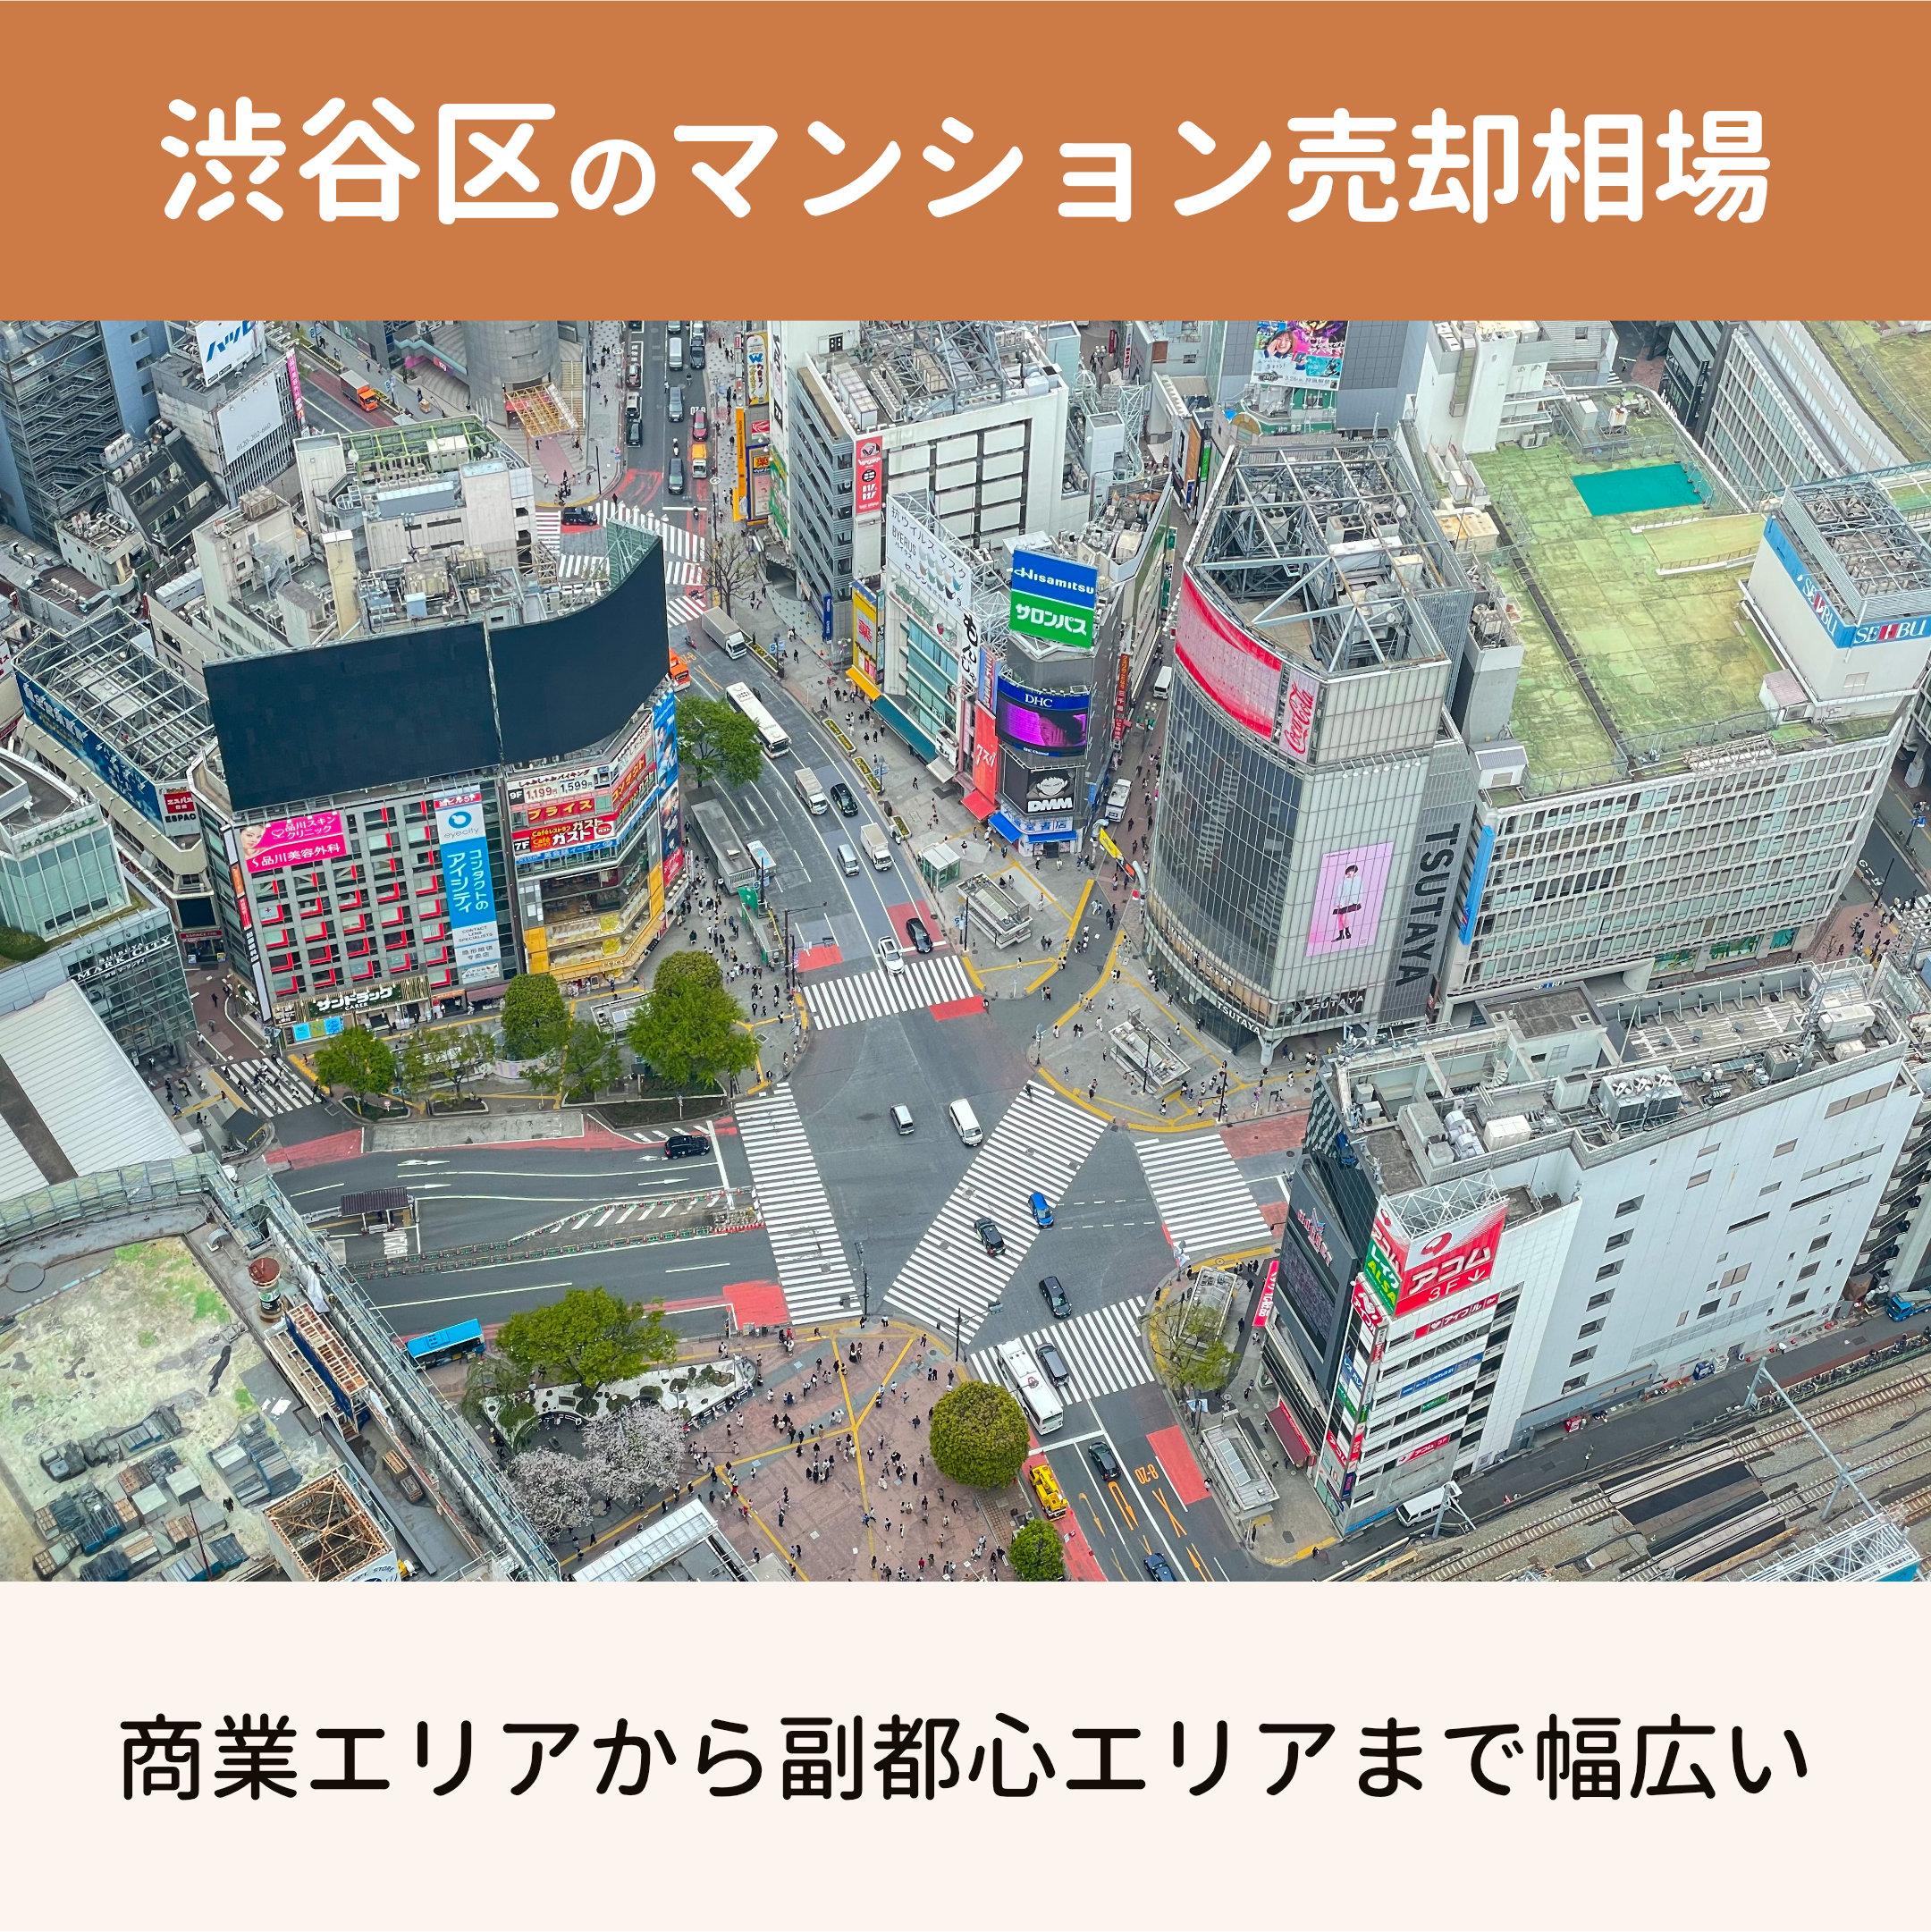 マンション売却相場 渋谷区